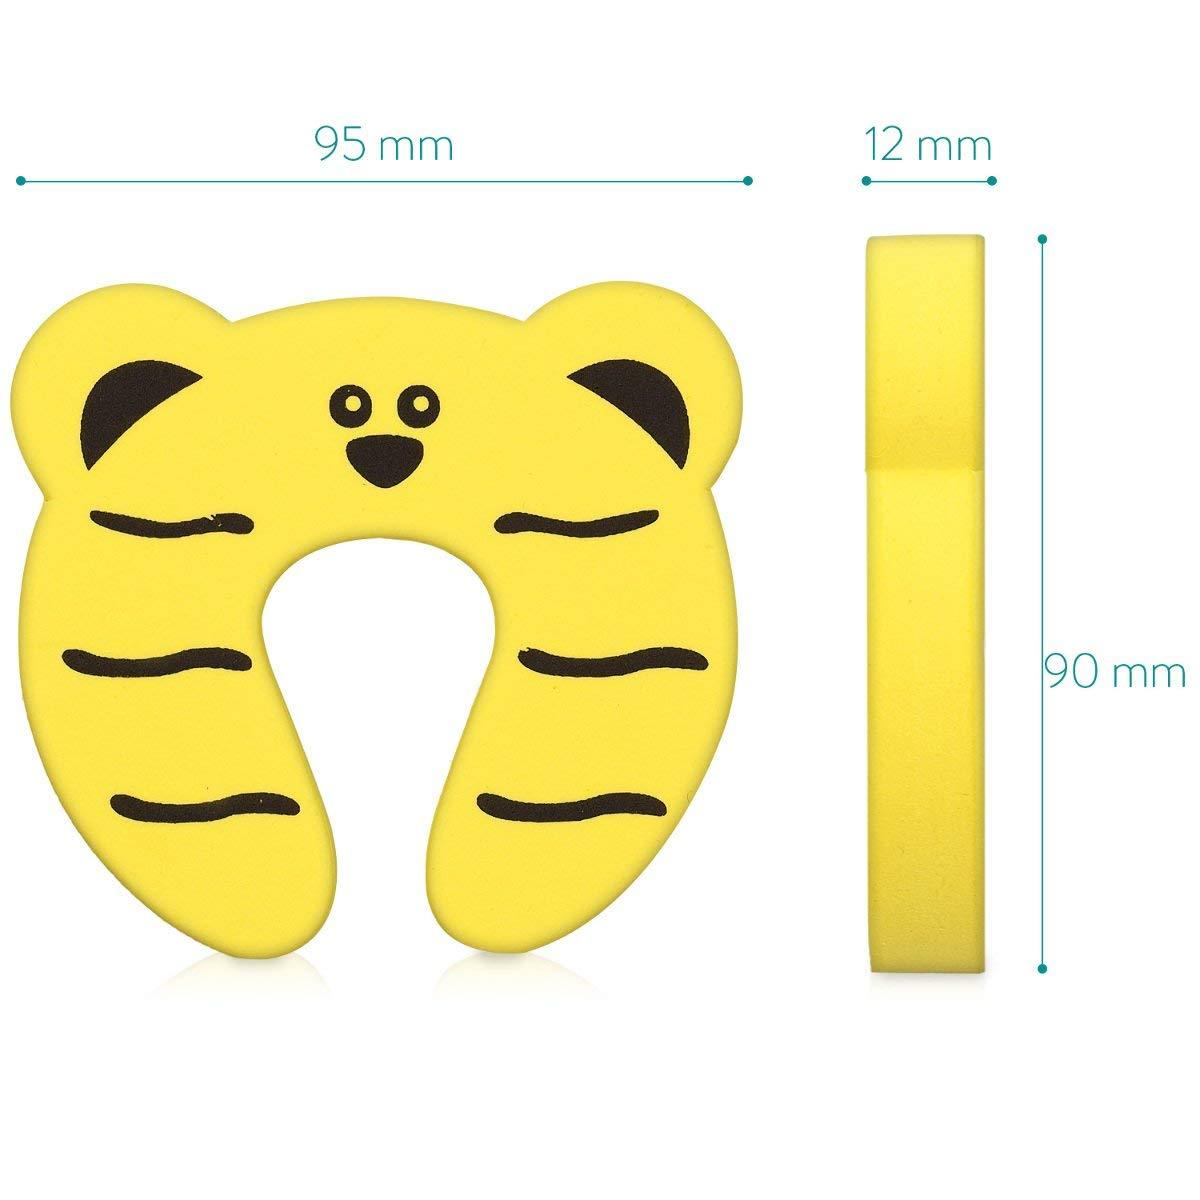 7 St/ück Finger Klemmschutz F/ür T/ür Fenster Schaumstoff Baby Schutz Kindersicherung Kinder Sicherung Fingerklemmschutz Set Tier Motive